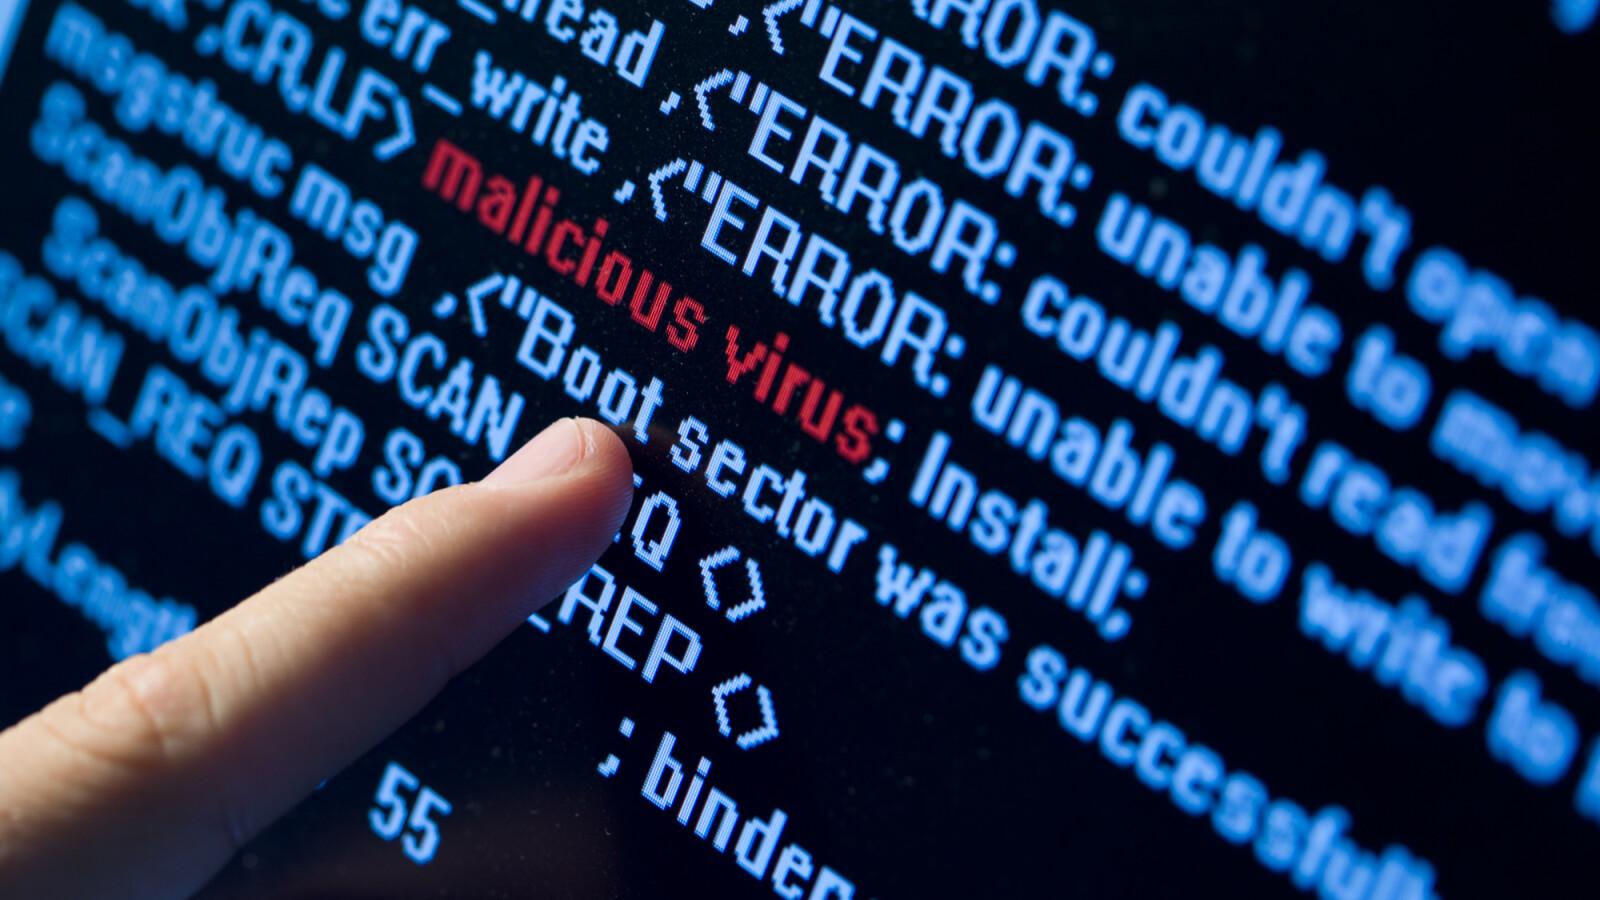 Android-Apps mit Malware: Vorsicht vor diesen 24 Kinderspielen